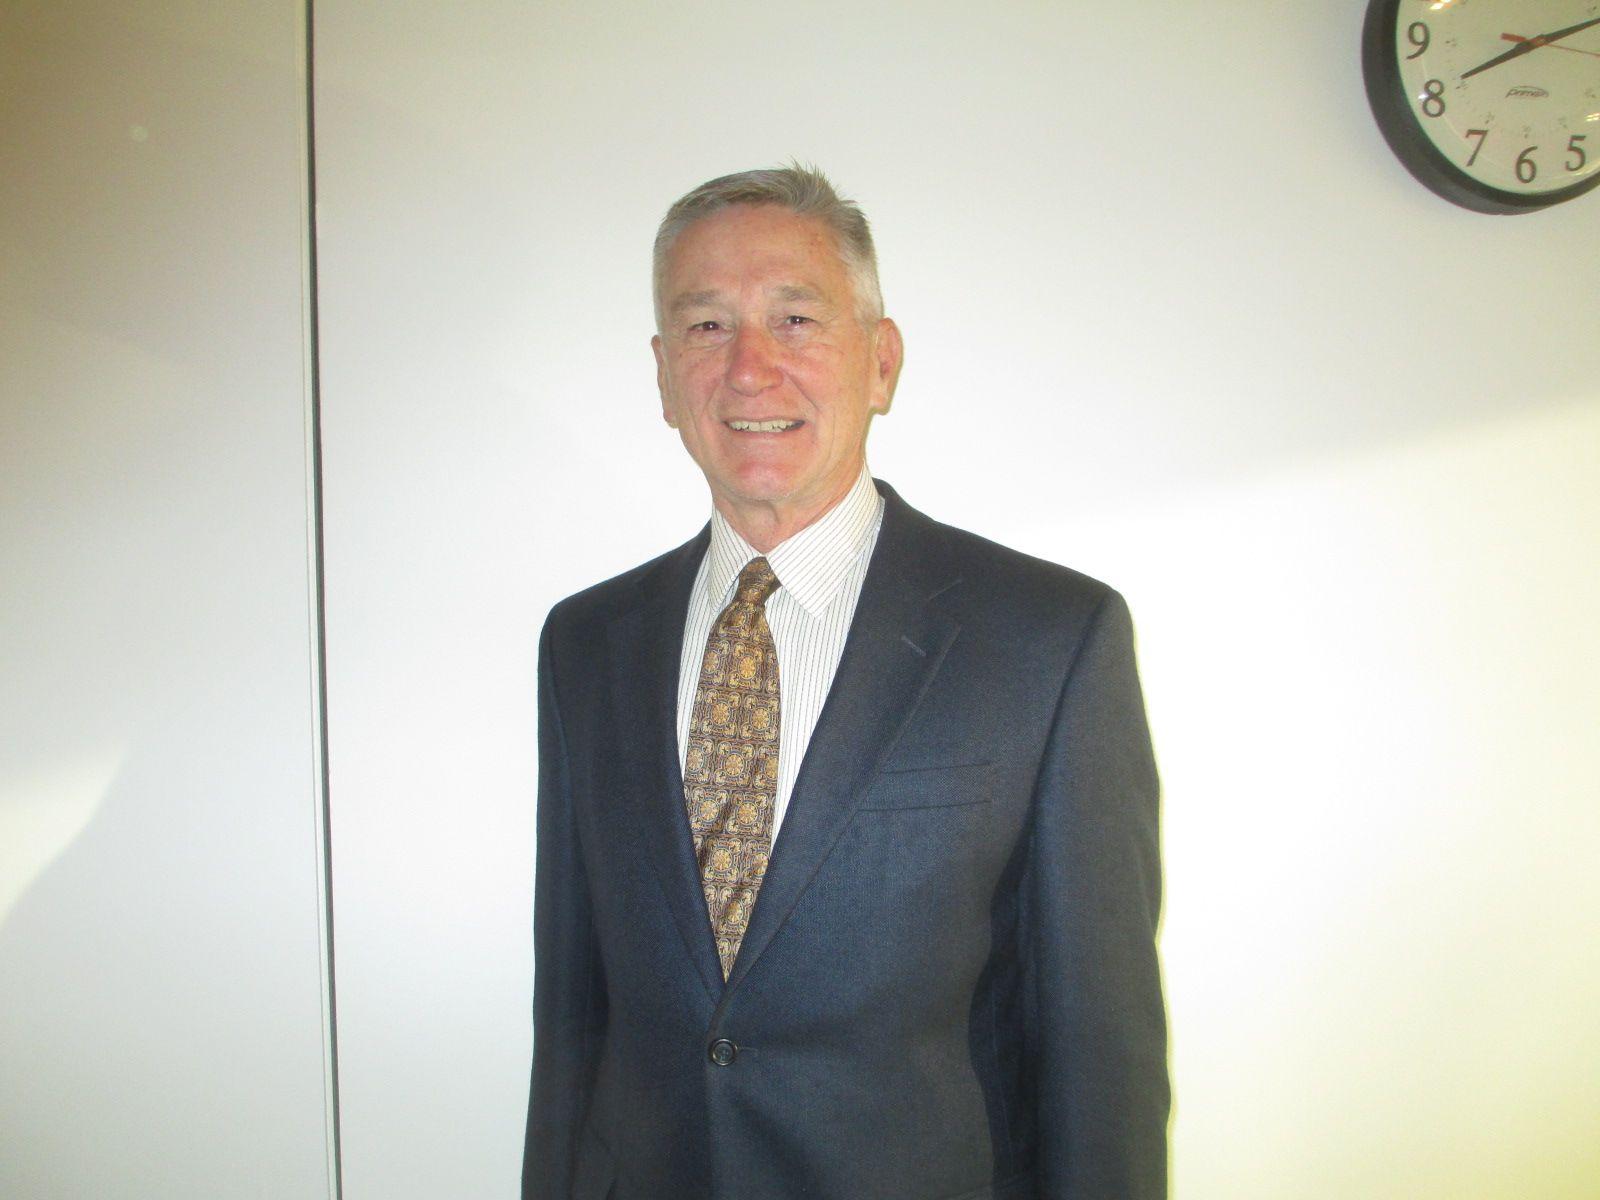 Dennis Blasko